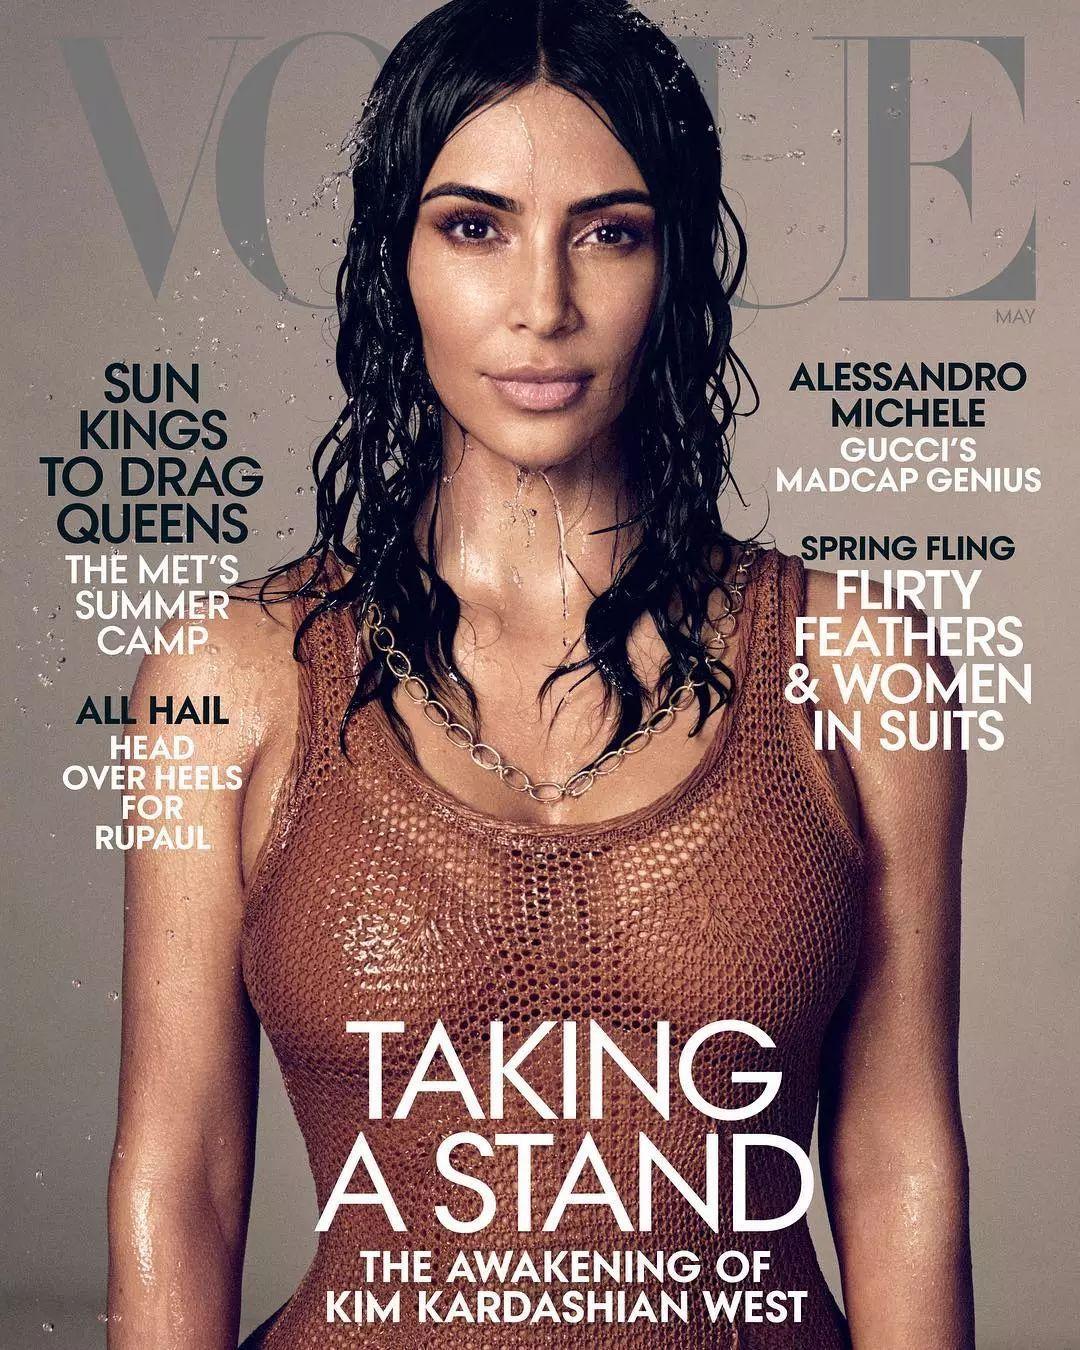 比伯、杨颖、卡戴珊,美版Vogue杂志连续三期让流量明星登封引发